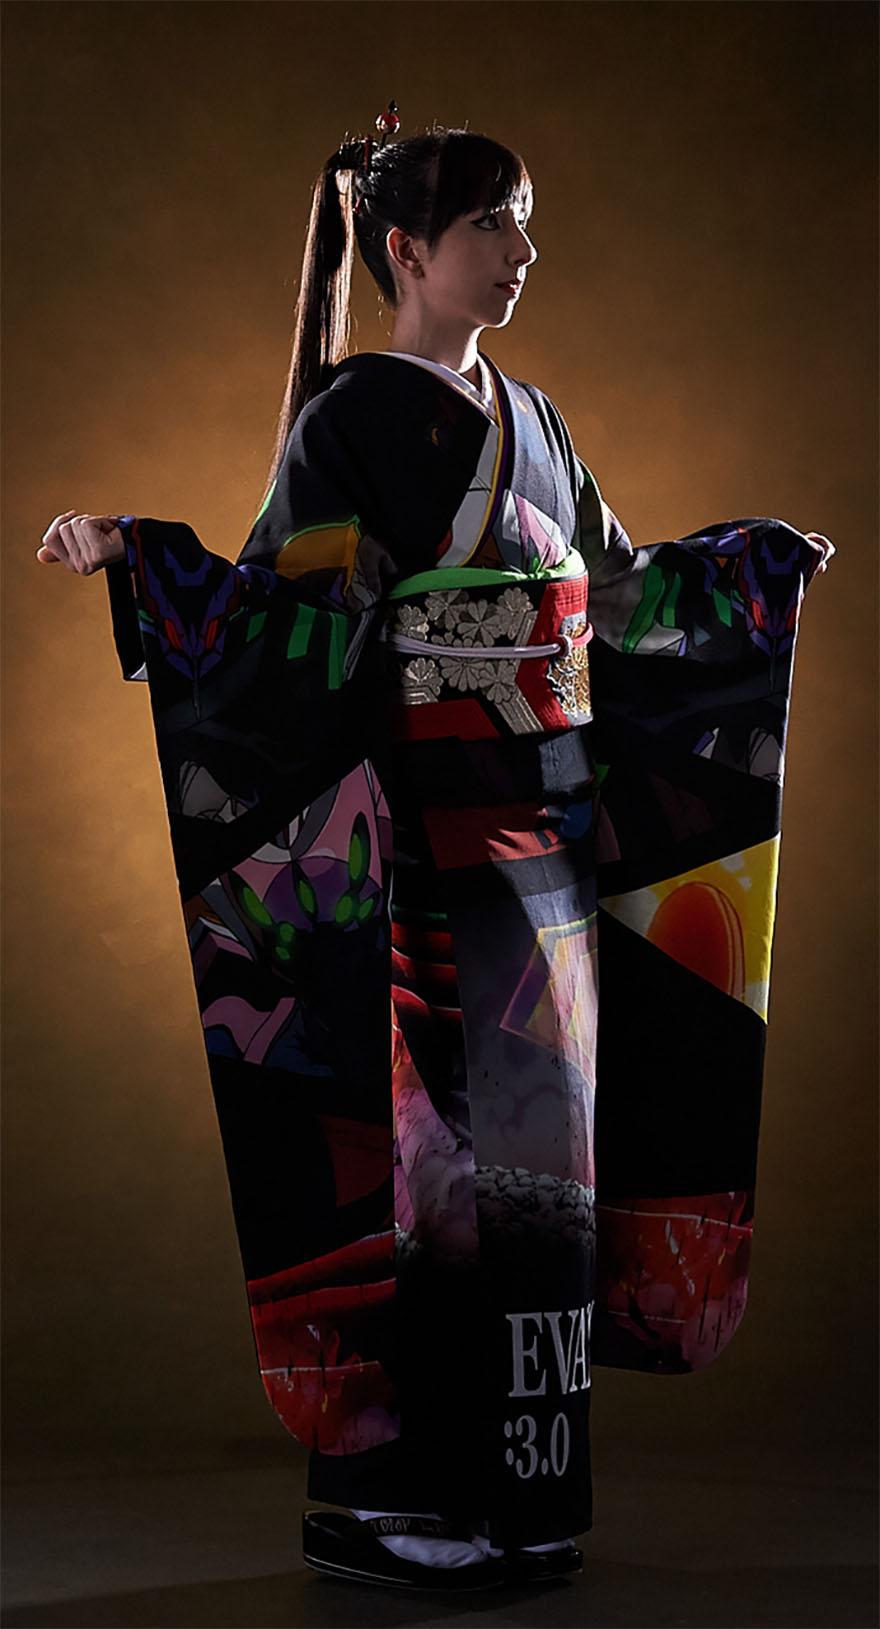 evangelion-x-full-graphic-kimono6